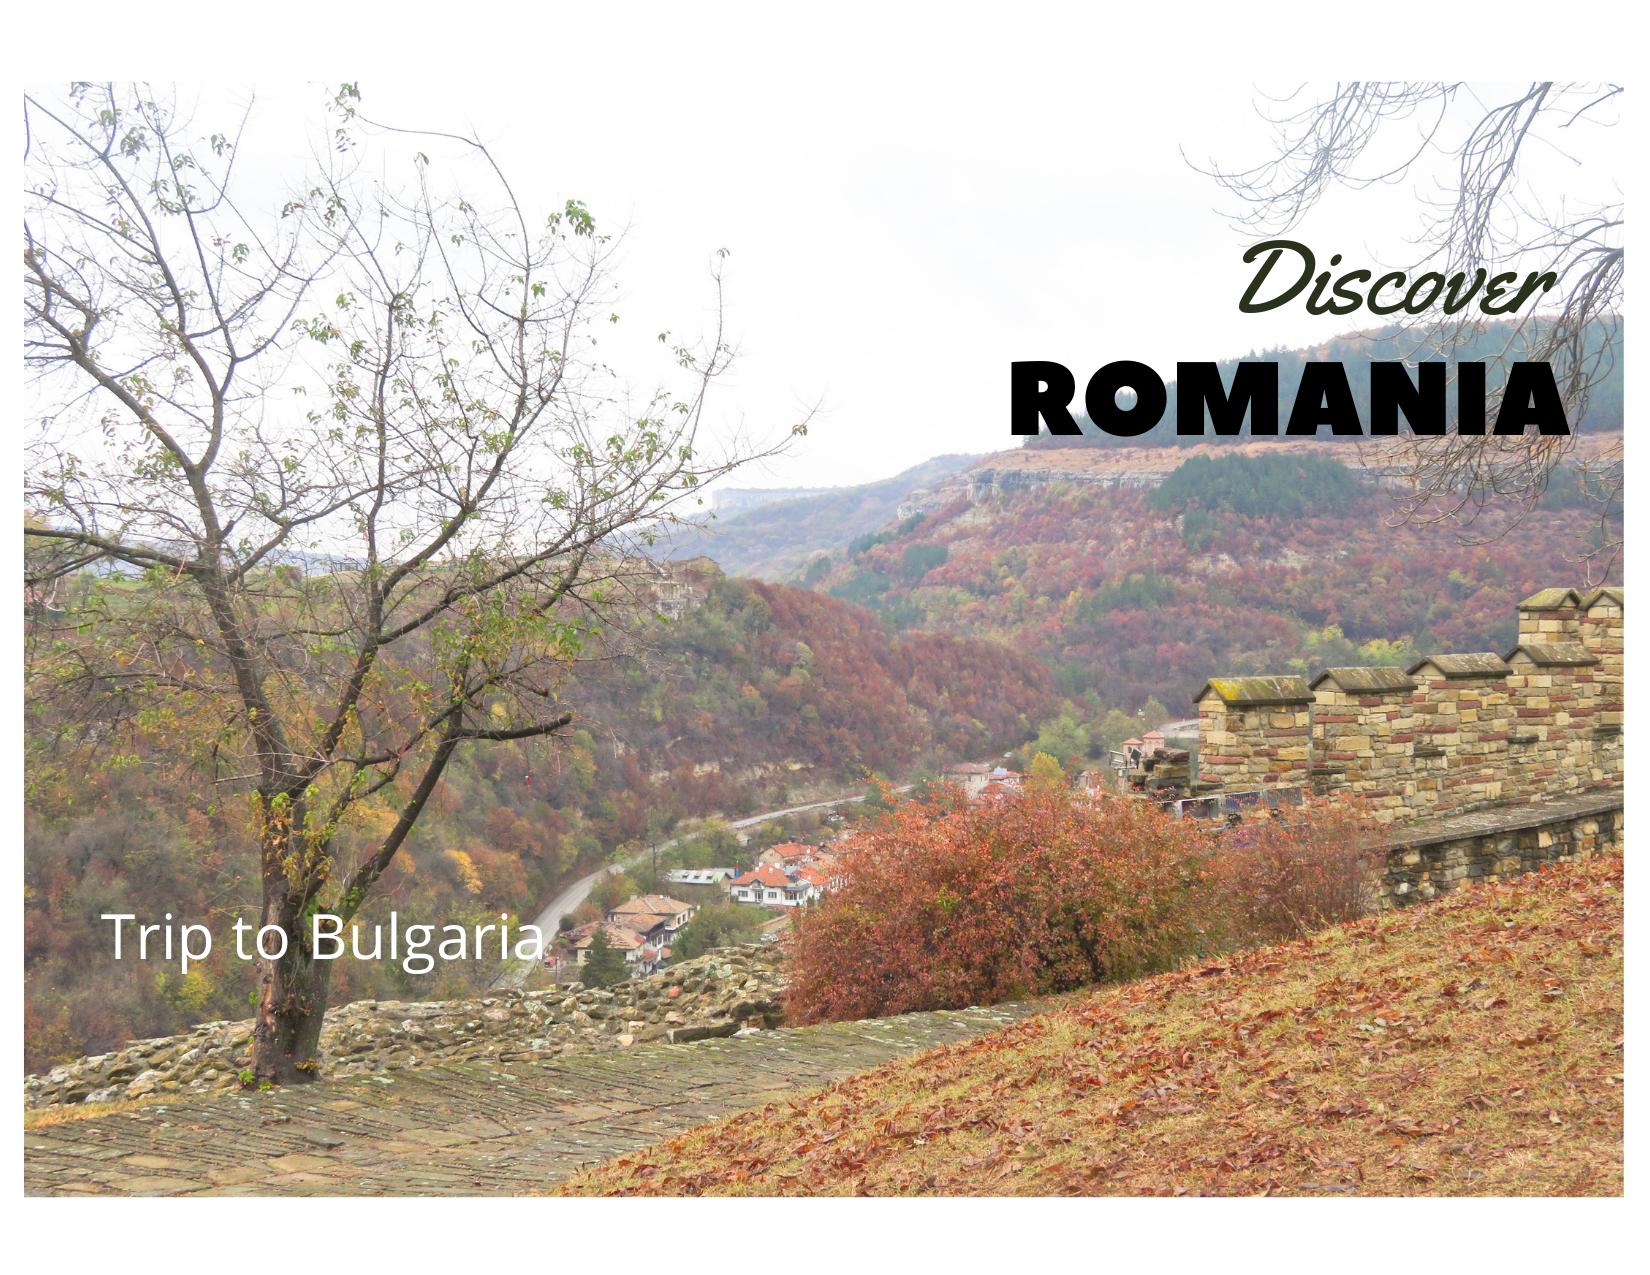 Discover Romania: Day 2 – Trip to Bulgaria